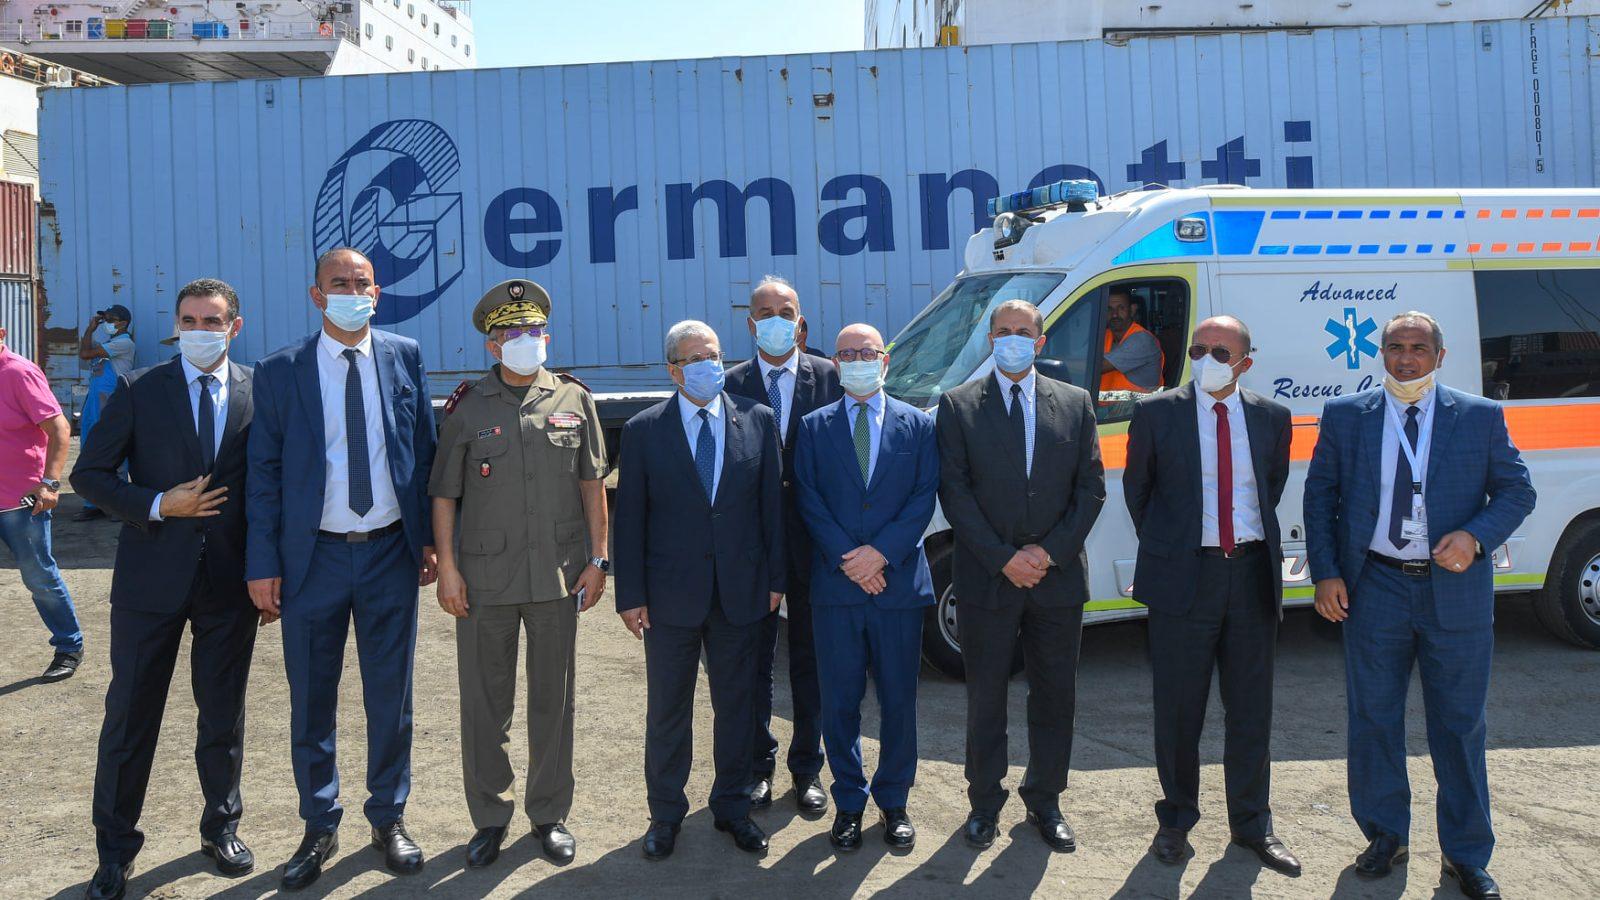 أكسجين وسيارة إسعاف متطورة من إيطاليا لتونس (صور)